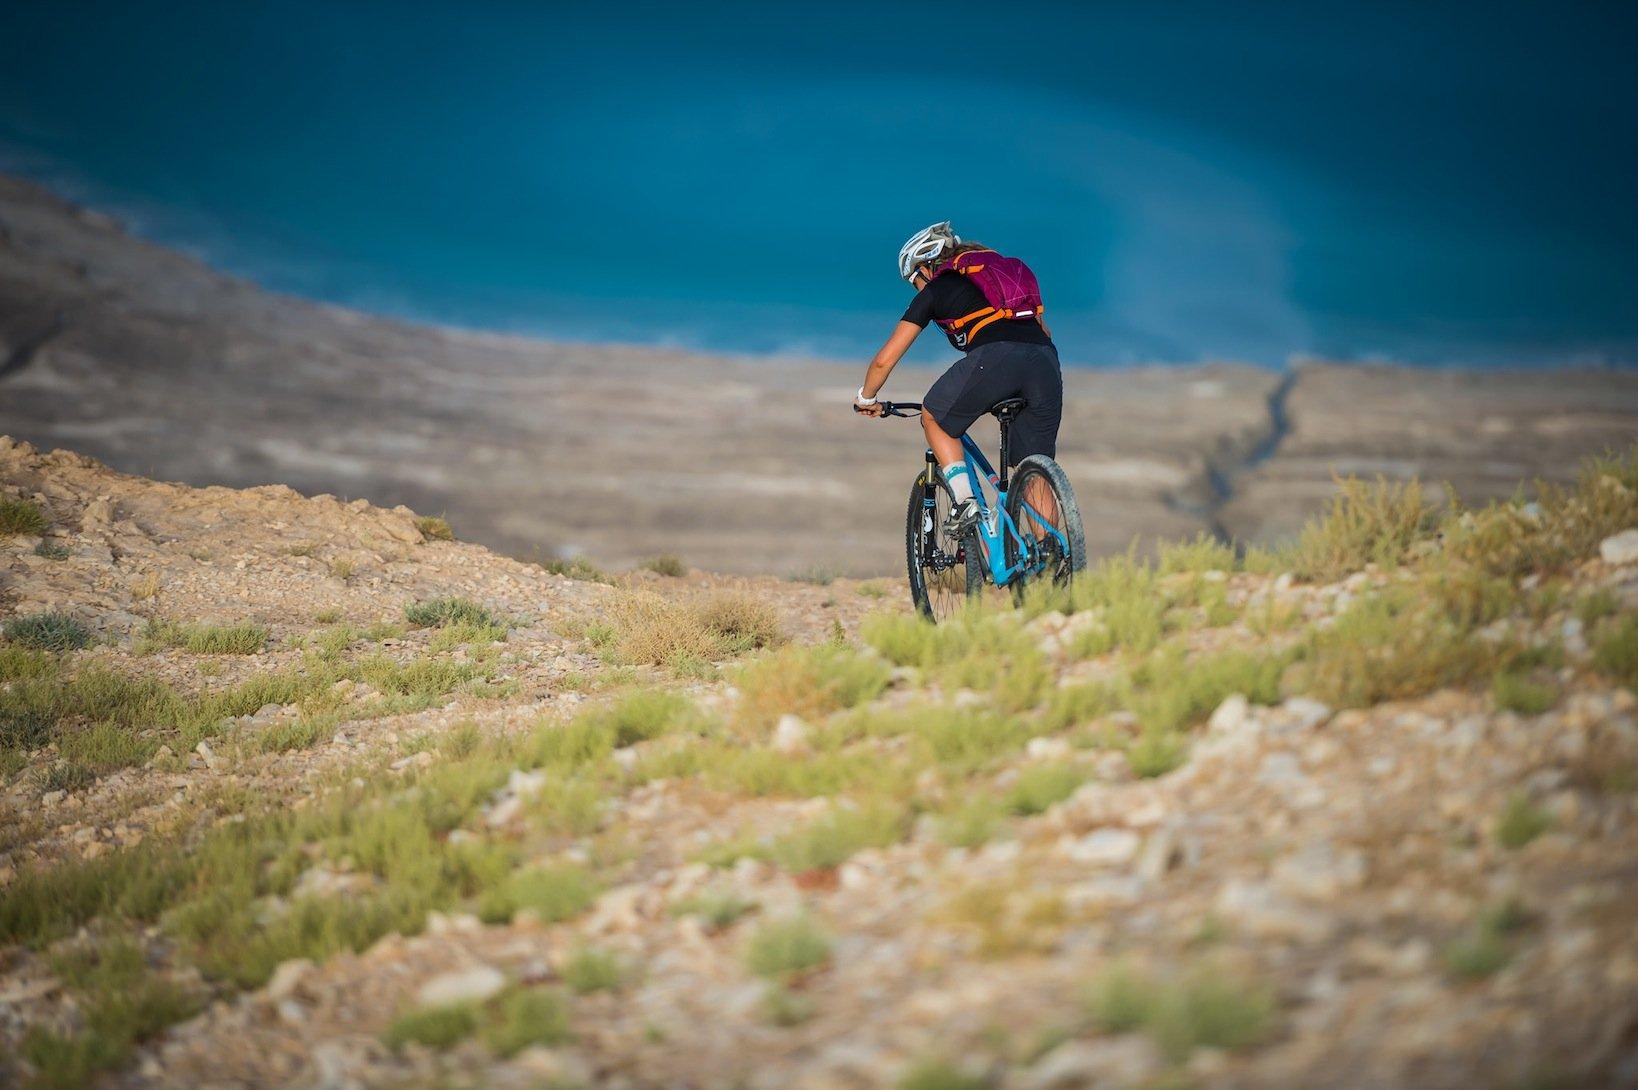 airfreshing_2016_Source_Trinksysteme_Rucksack_Ride_Mountainbike